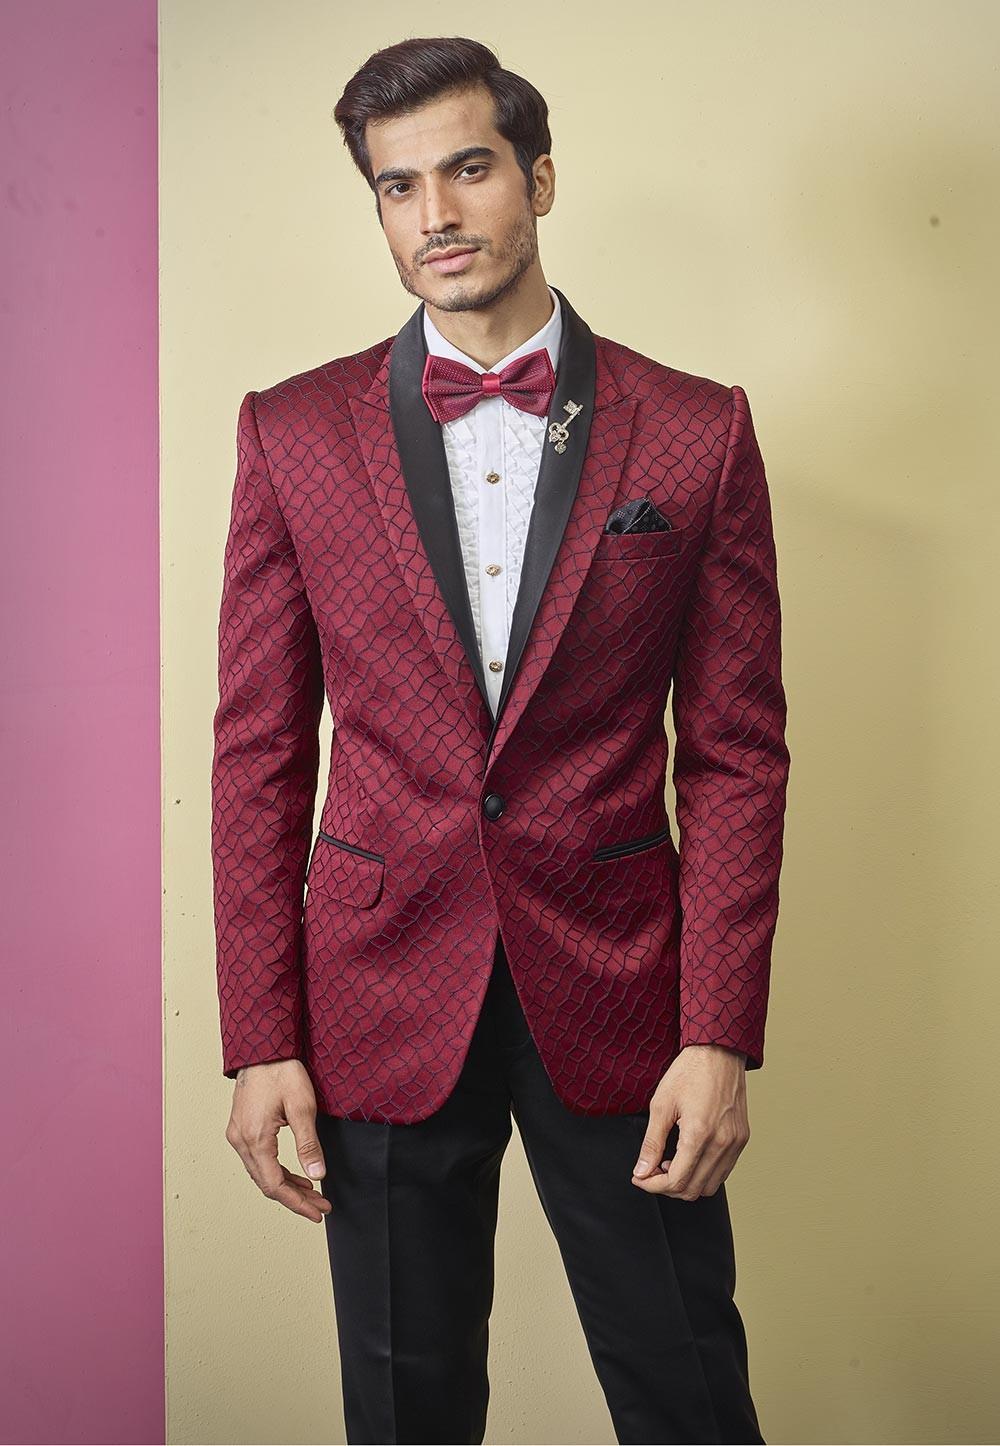 Textured Designer Tuxedo Suit Maroon Colour.